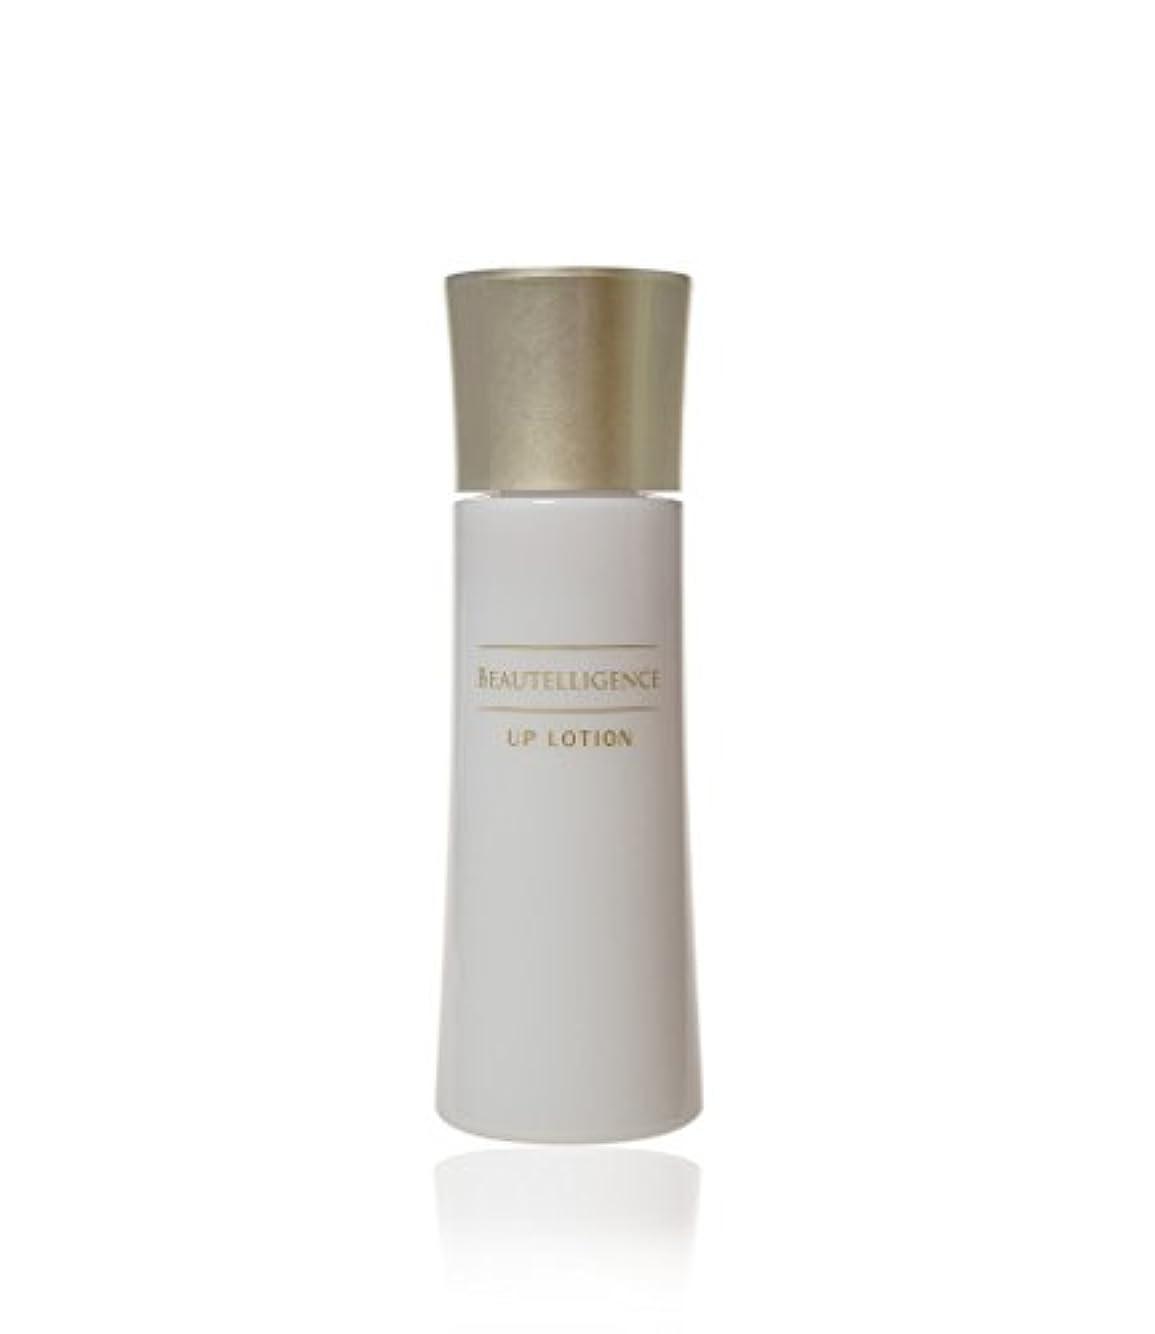 プロペラソーセージ備品[ アップローション ] ひきしめ 化粧水 美容液 ハリ NEWA オシリフト グリシルグリシン エイジングケア